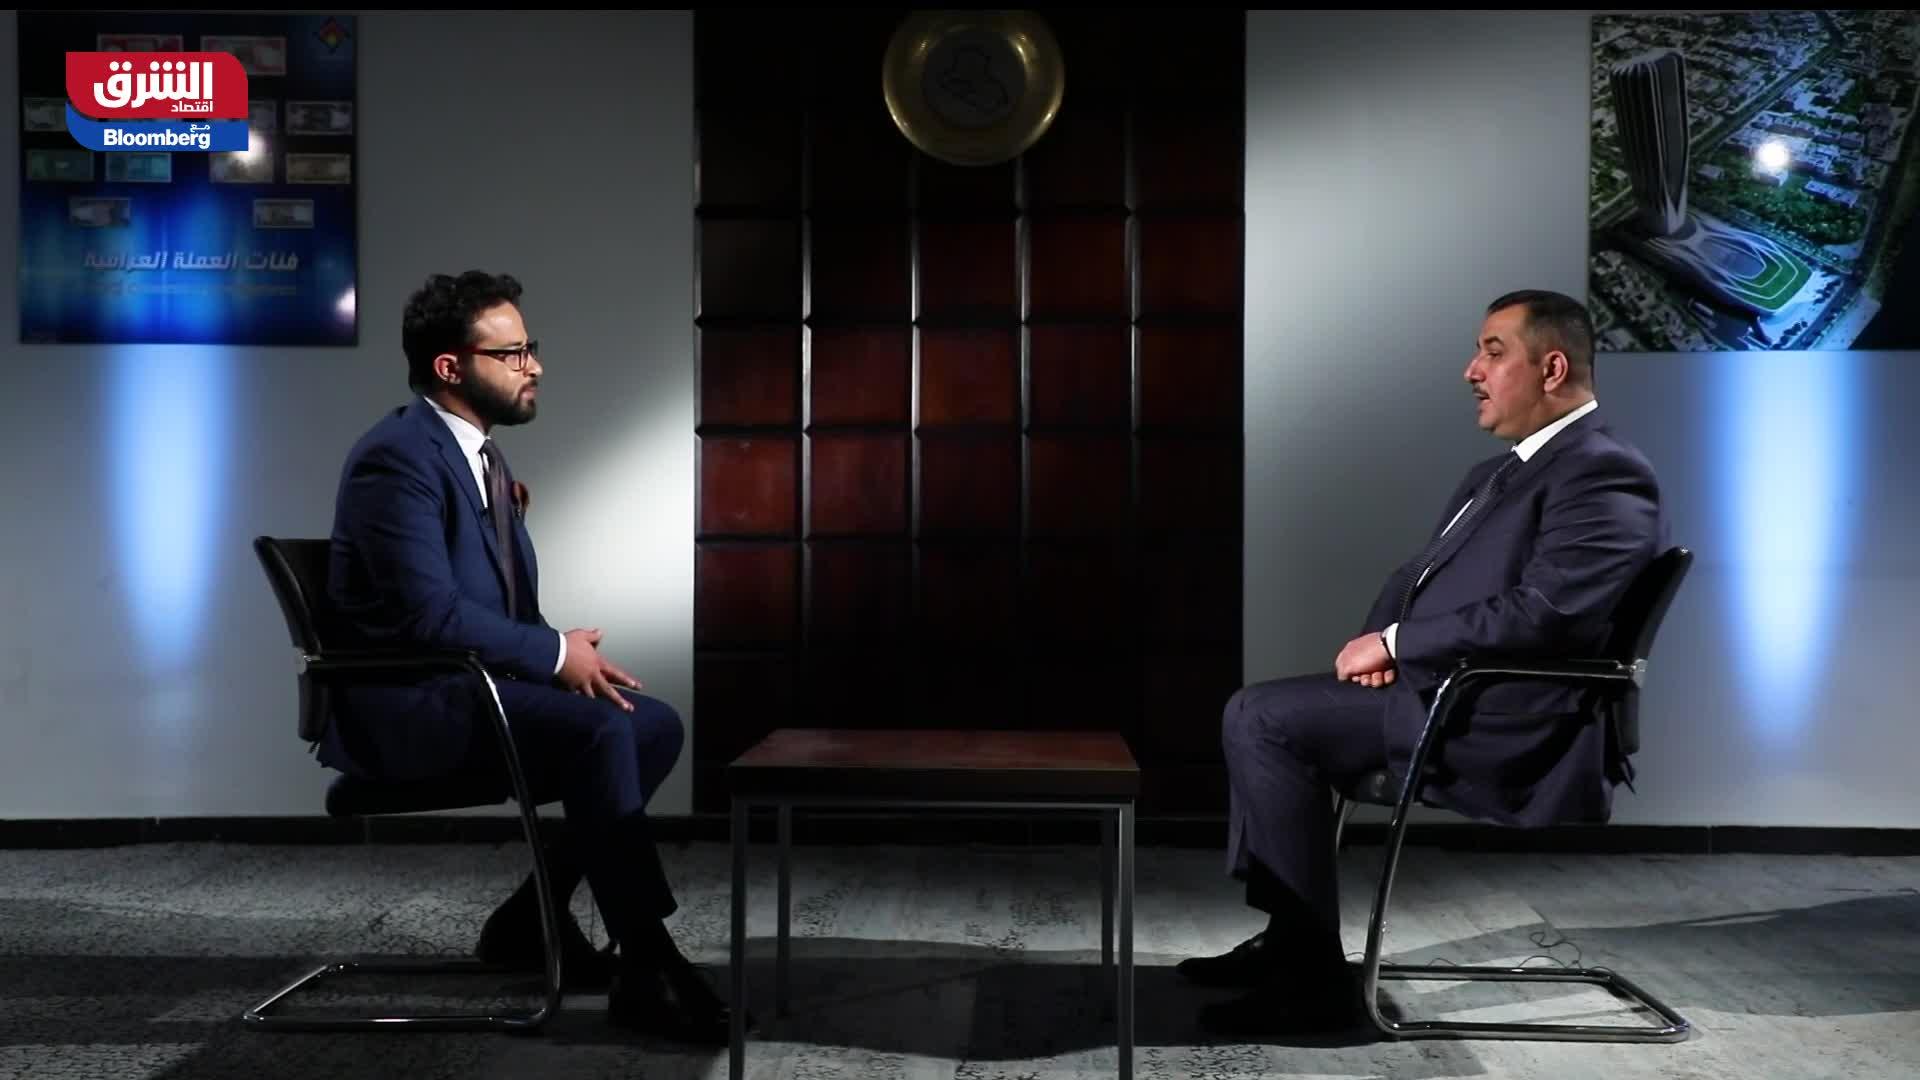 مقابلة خاصة مع مصطفى مخيف محافظ البنك المركزي العراقي